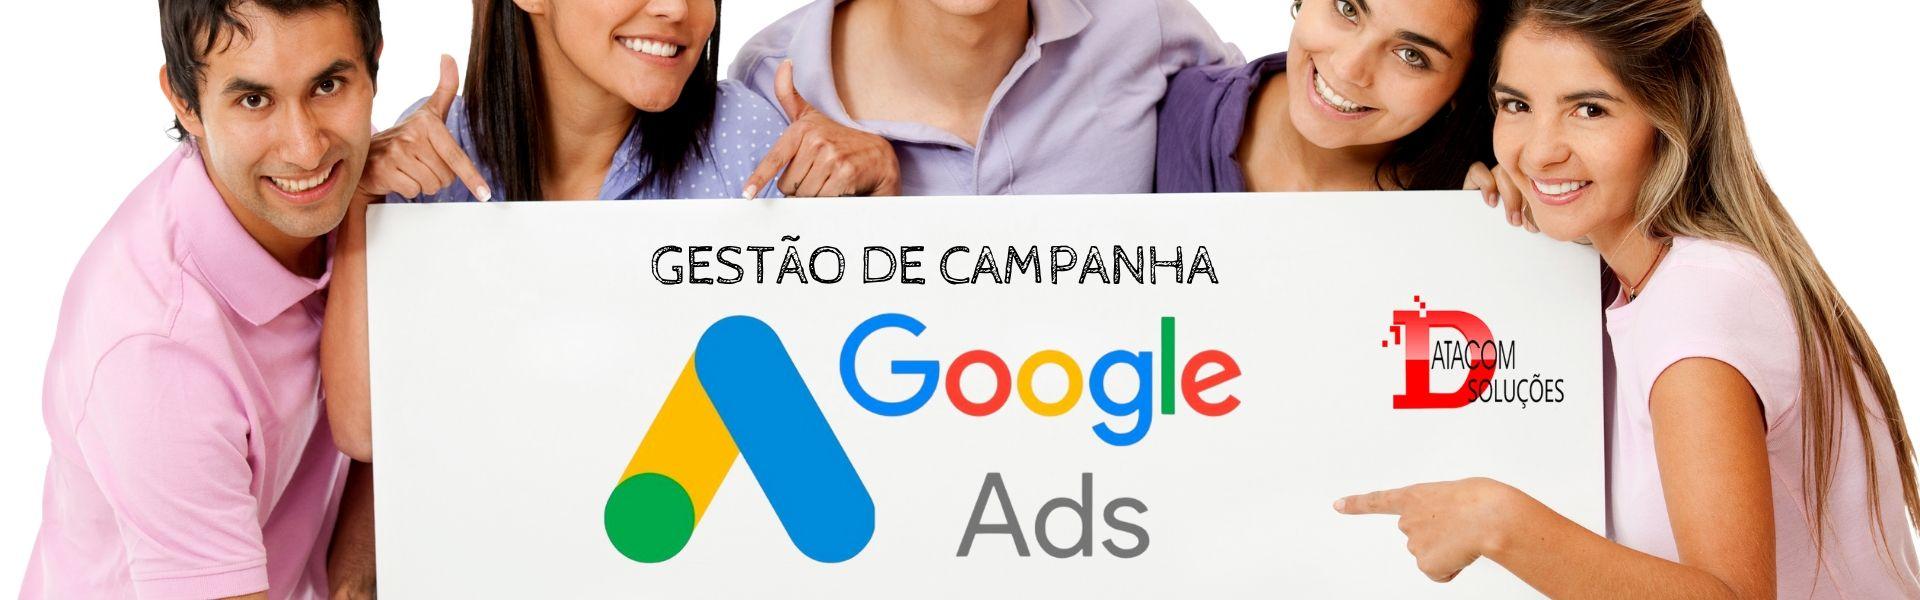 Montamos campanhas e anuncios no google ads